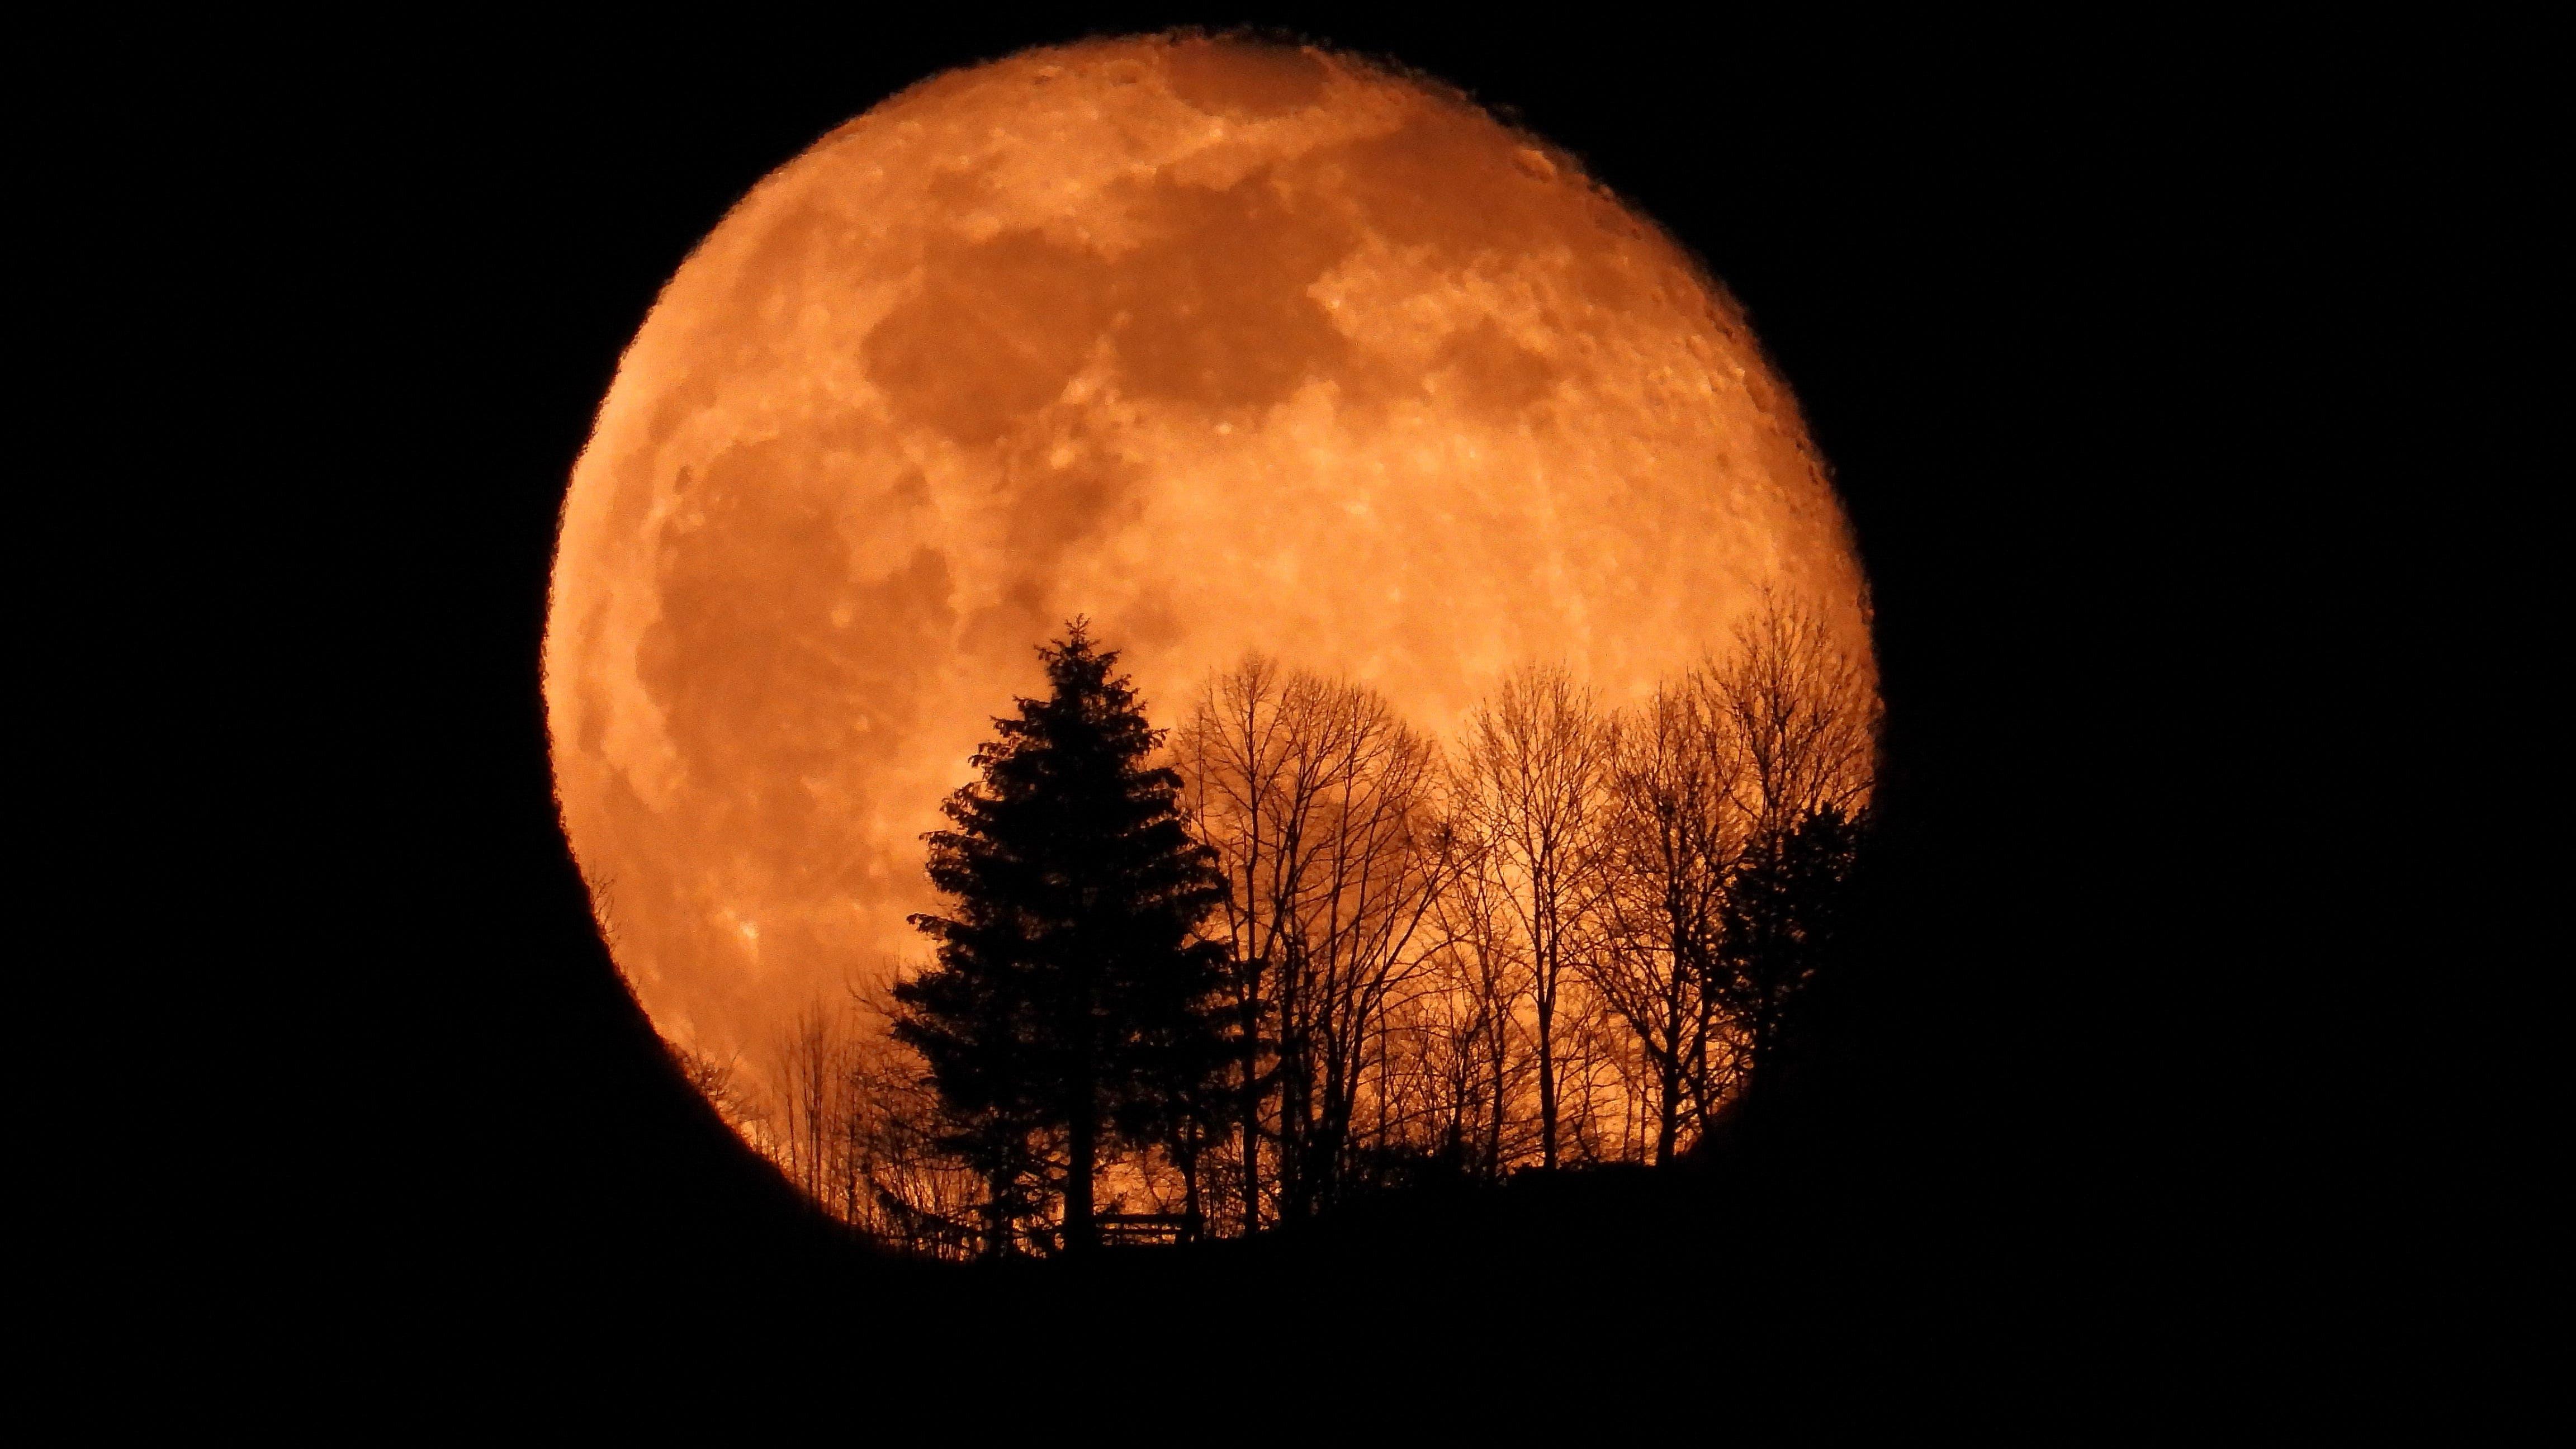 Mondaufgang Emmetten um ca. 20:10 Uhr.